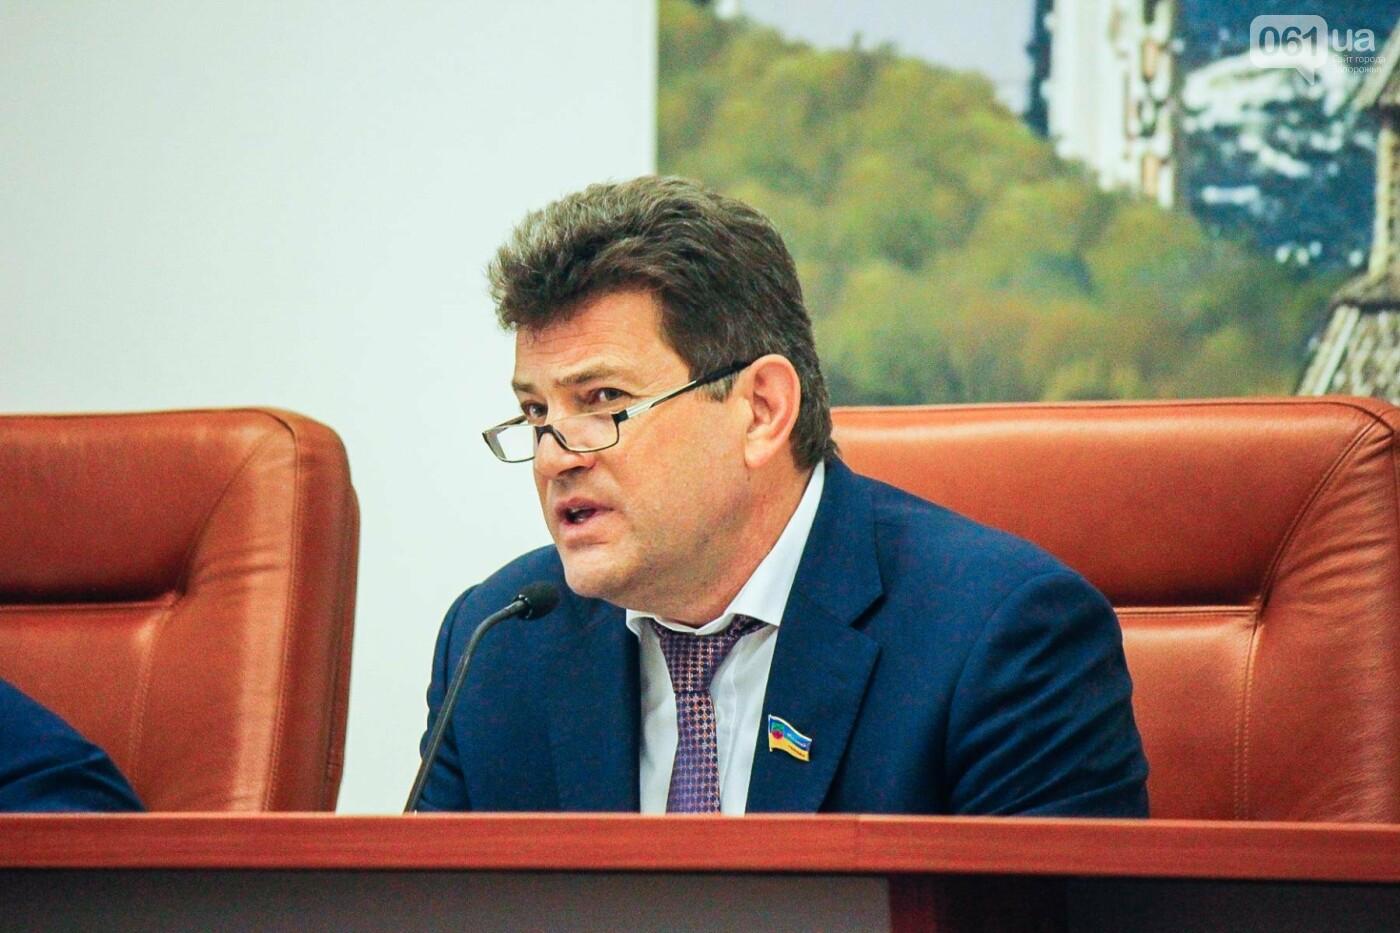 Сессия запорожского горсовета в лицах, - ФОТОРЕПОРТАЖ, фото-36